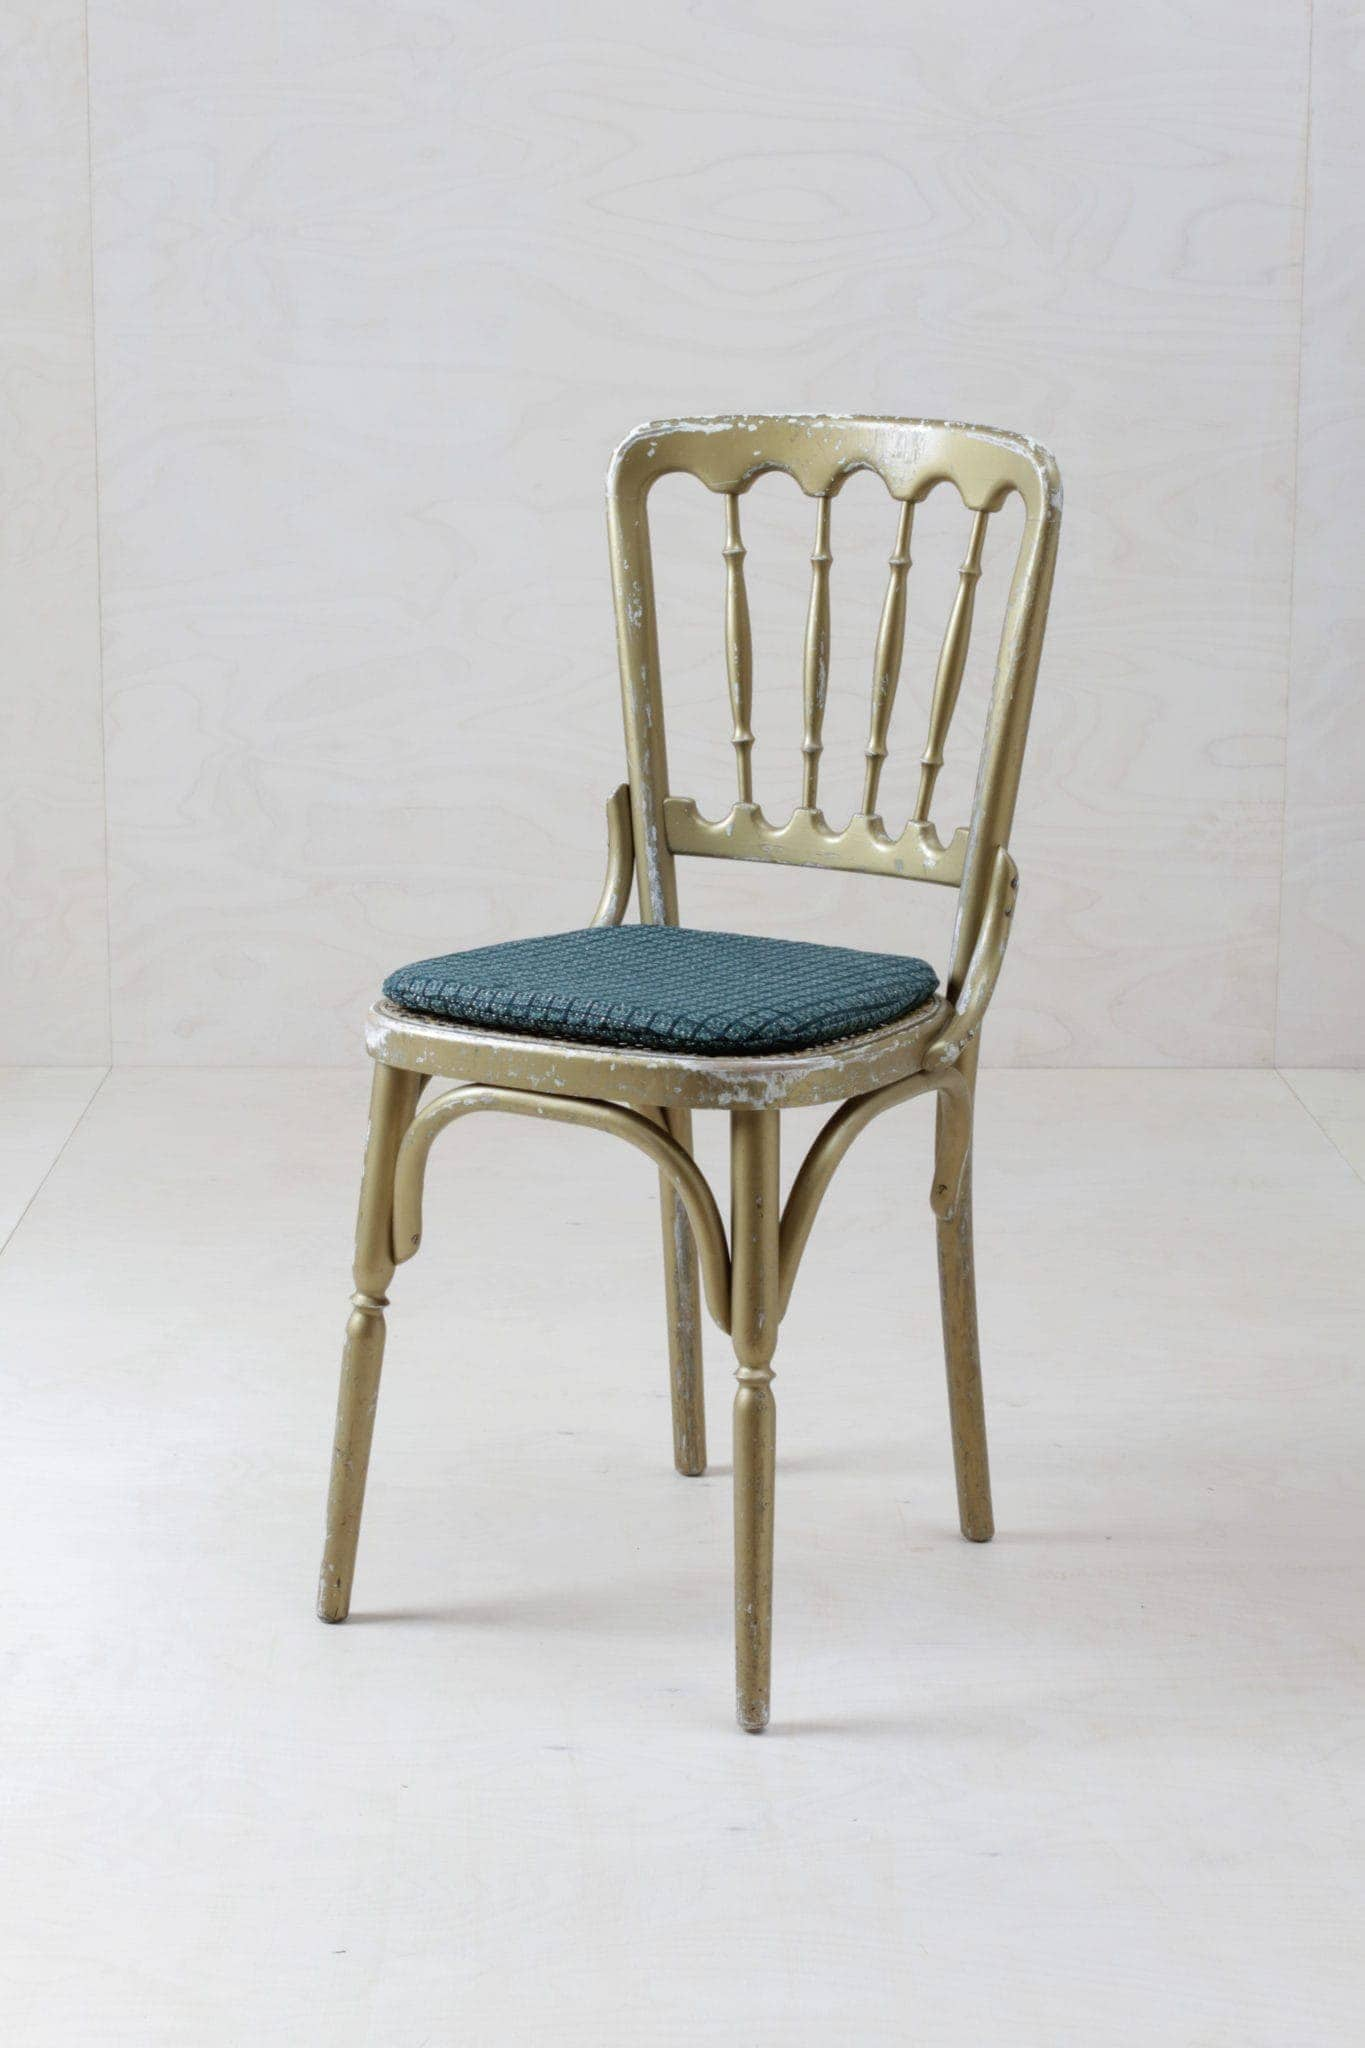 Original vintage Stühle im Chiavari Stil ,Wiener Oper, Gold, schlichtes Korbgeflecht auch mit Stuhlkissen, mieten